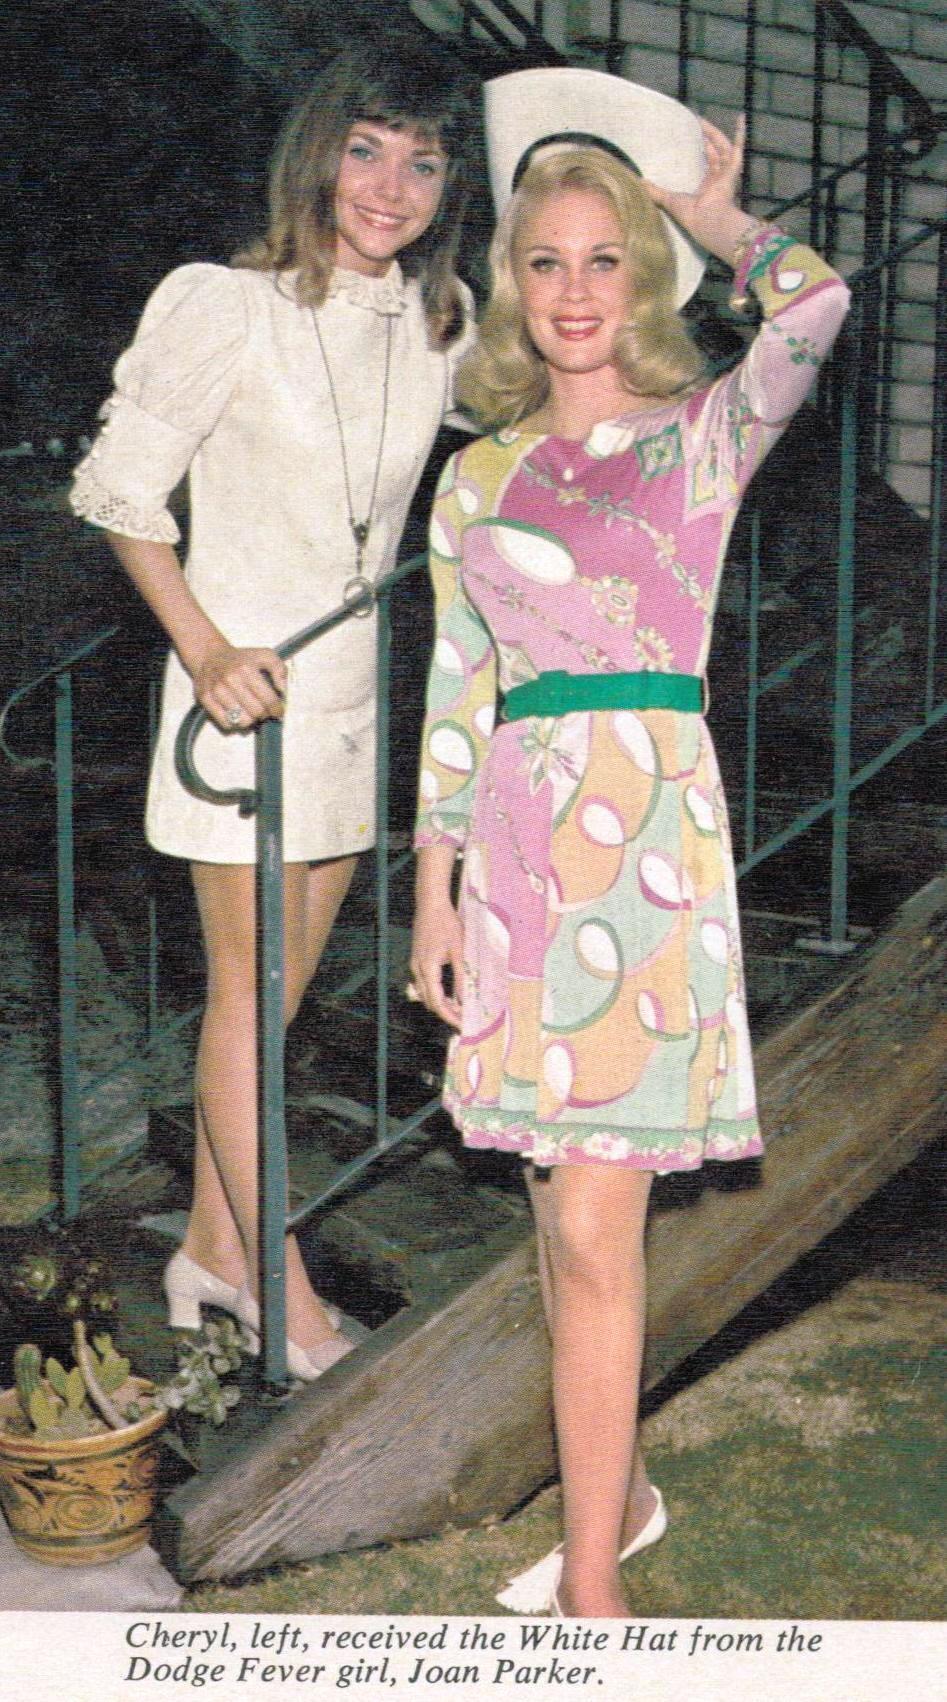 '70's Dodge fever Girl Cheryl Miller (left) and the original '60's Dodge Fever girl Joan Parker